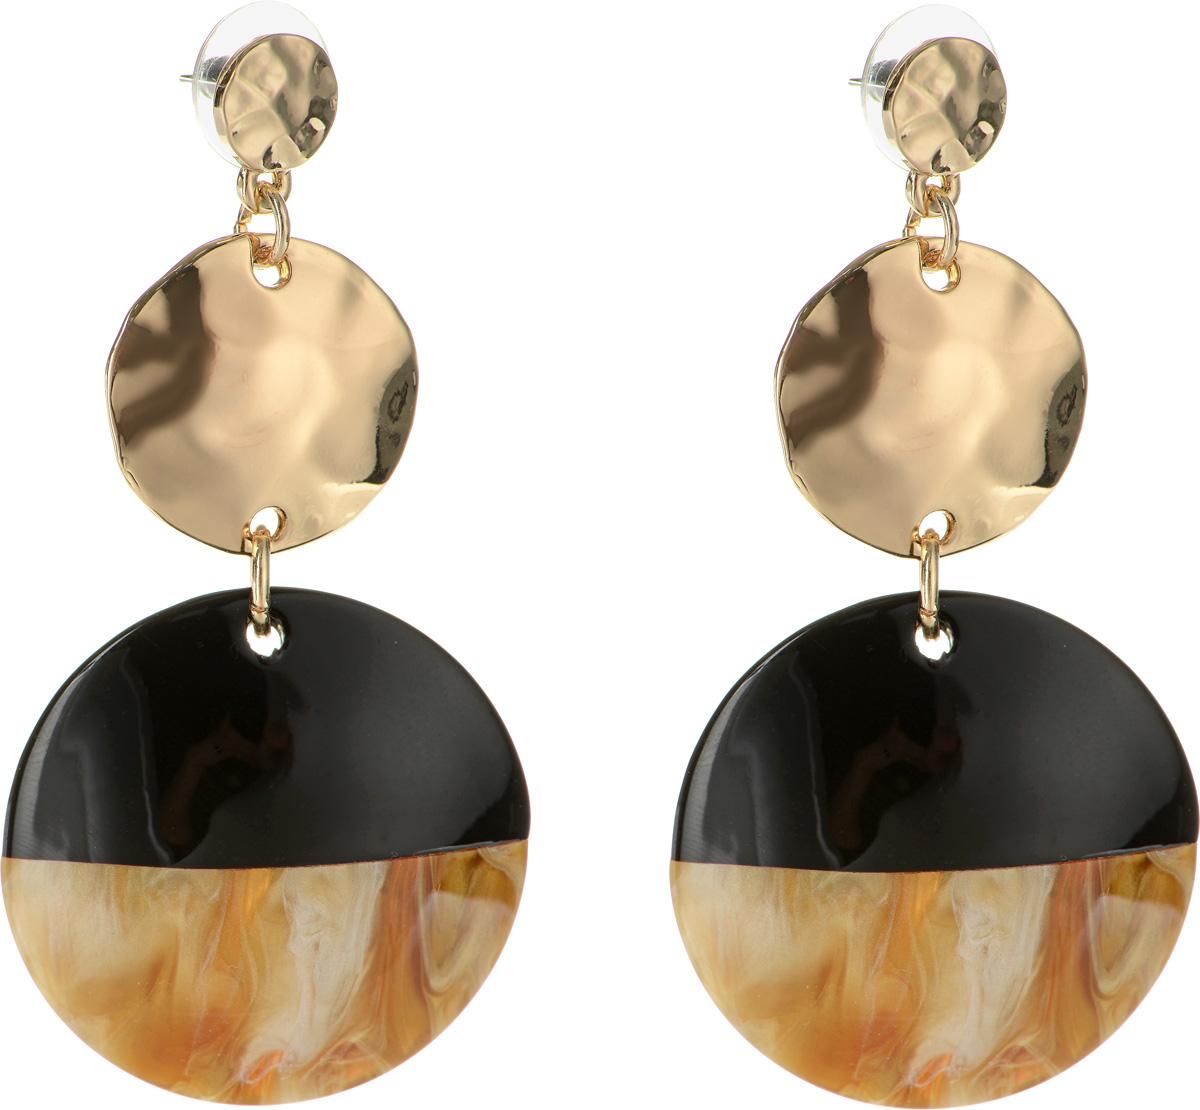 Серьги Selena Accenta, цвет: золотистый, коричневый, черный. 2009121020091210Серьги Selena Accenta изготовлены из латуни с гальваническим покрытием золотом и ацетата. Изделие оснащено удобным замком-гвоздиком. Итальянский ацетат - это дорогой высококачественный полимер, широко применяемый в модной индустрии. Он обладает удивительной особенностью имитировать самые разные природные рисунки и фактуры. Коллекция Accenta - это гимн современности! Модели выполнены в стиле элегантный кэжуал и глэм-рок, они органично впишутся в образ и молодых девушек, и взрослых женщин, чьи взгляды на моду свежи и открыты новому. Все украшения Accenta комплектуются между собой и создают гармоничный ансамбль. Украшения можно носить в любое время года, они уместны на празднике, на прогулке и на работе.